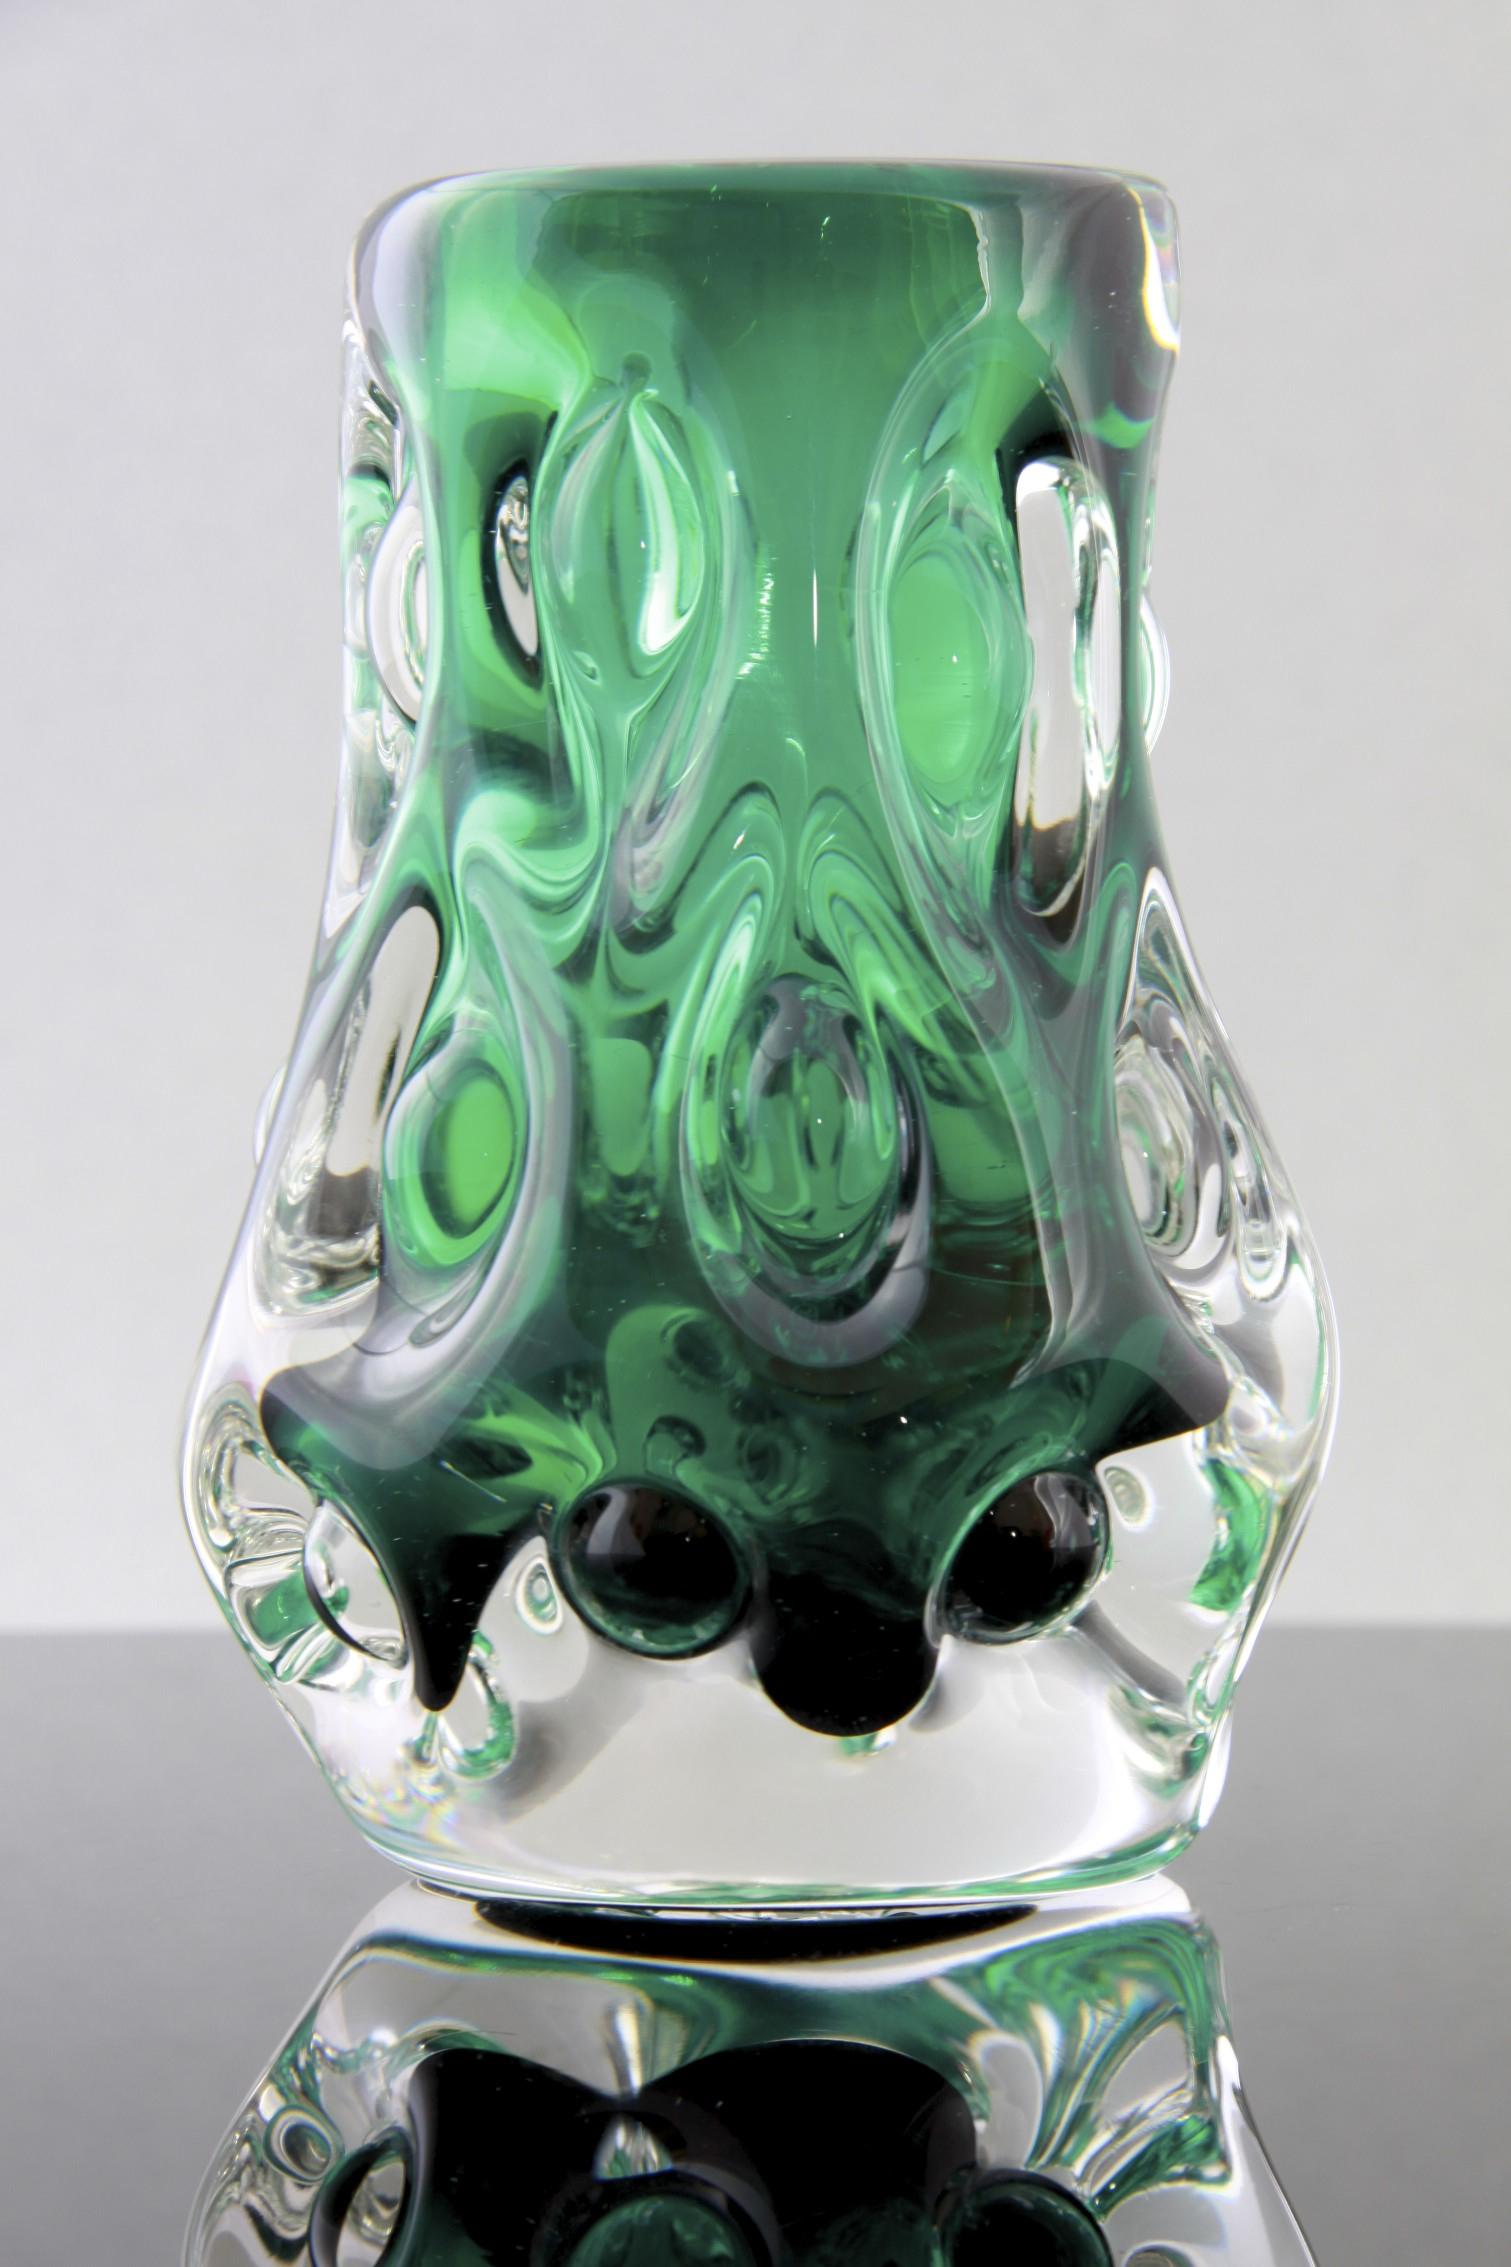 Liskeard Glass Green Cased Glass Knobbly Vase Designed